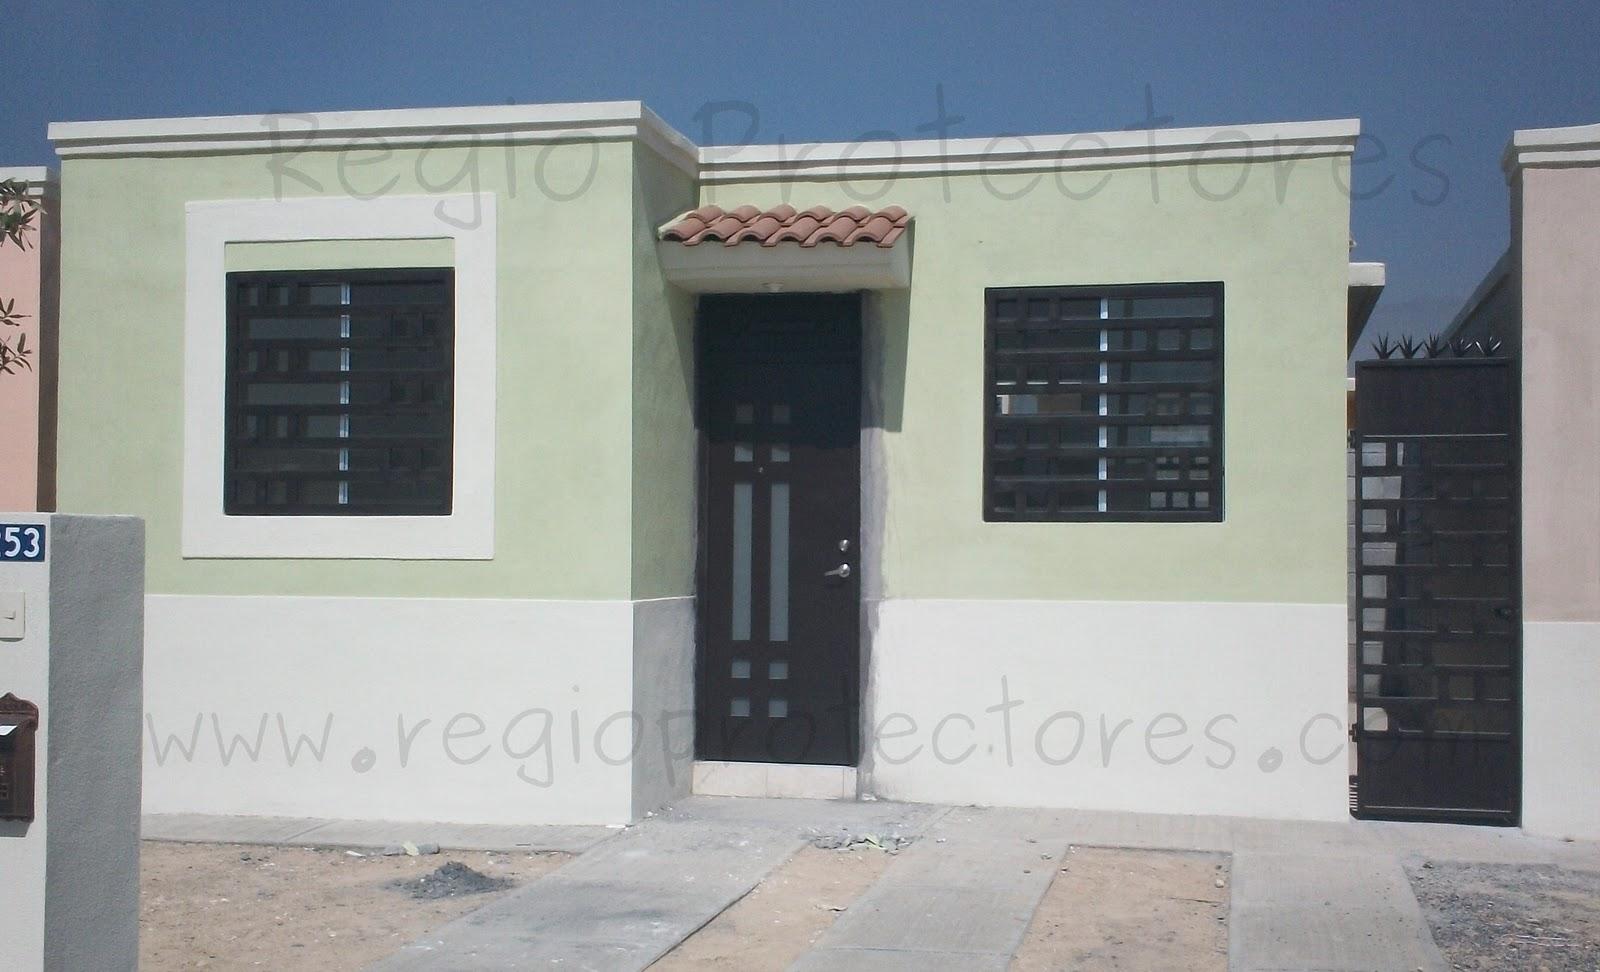 Protectores para ventanas y puerta principal contemporánea instalados ...